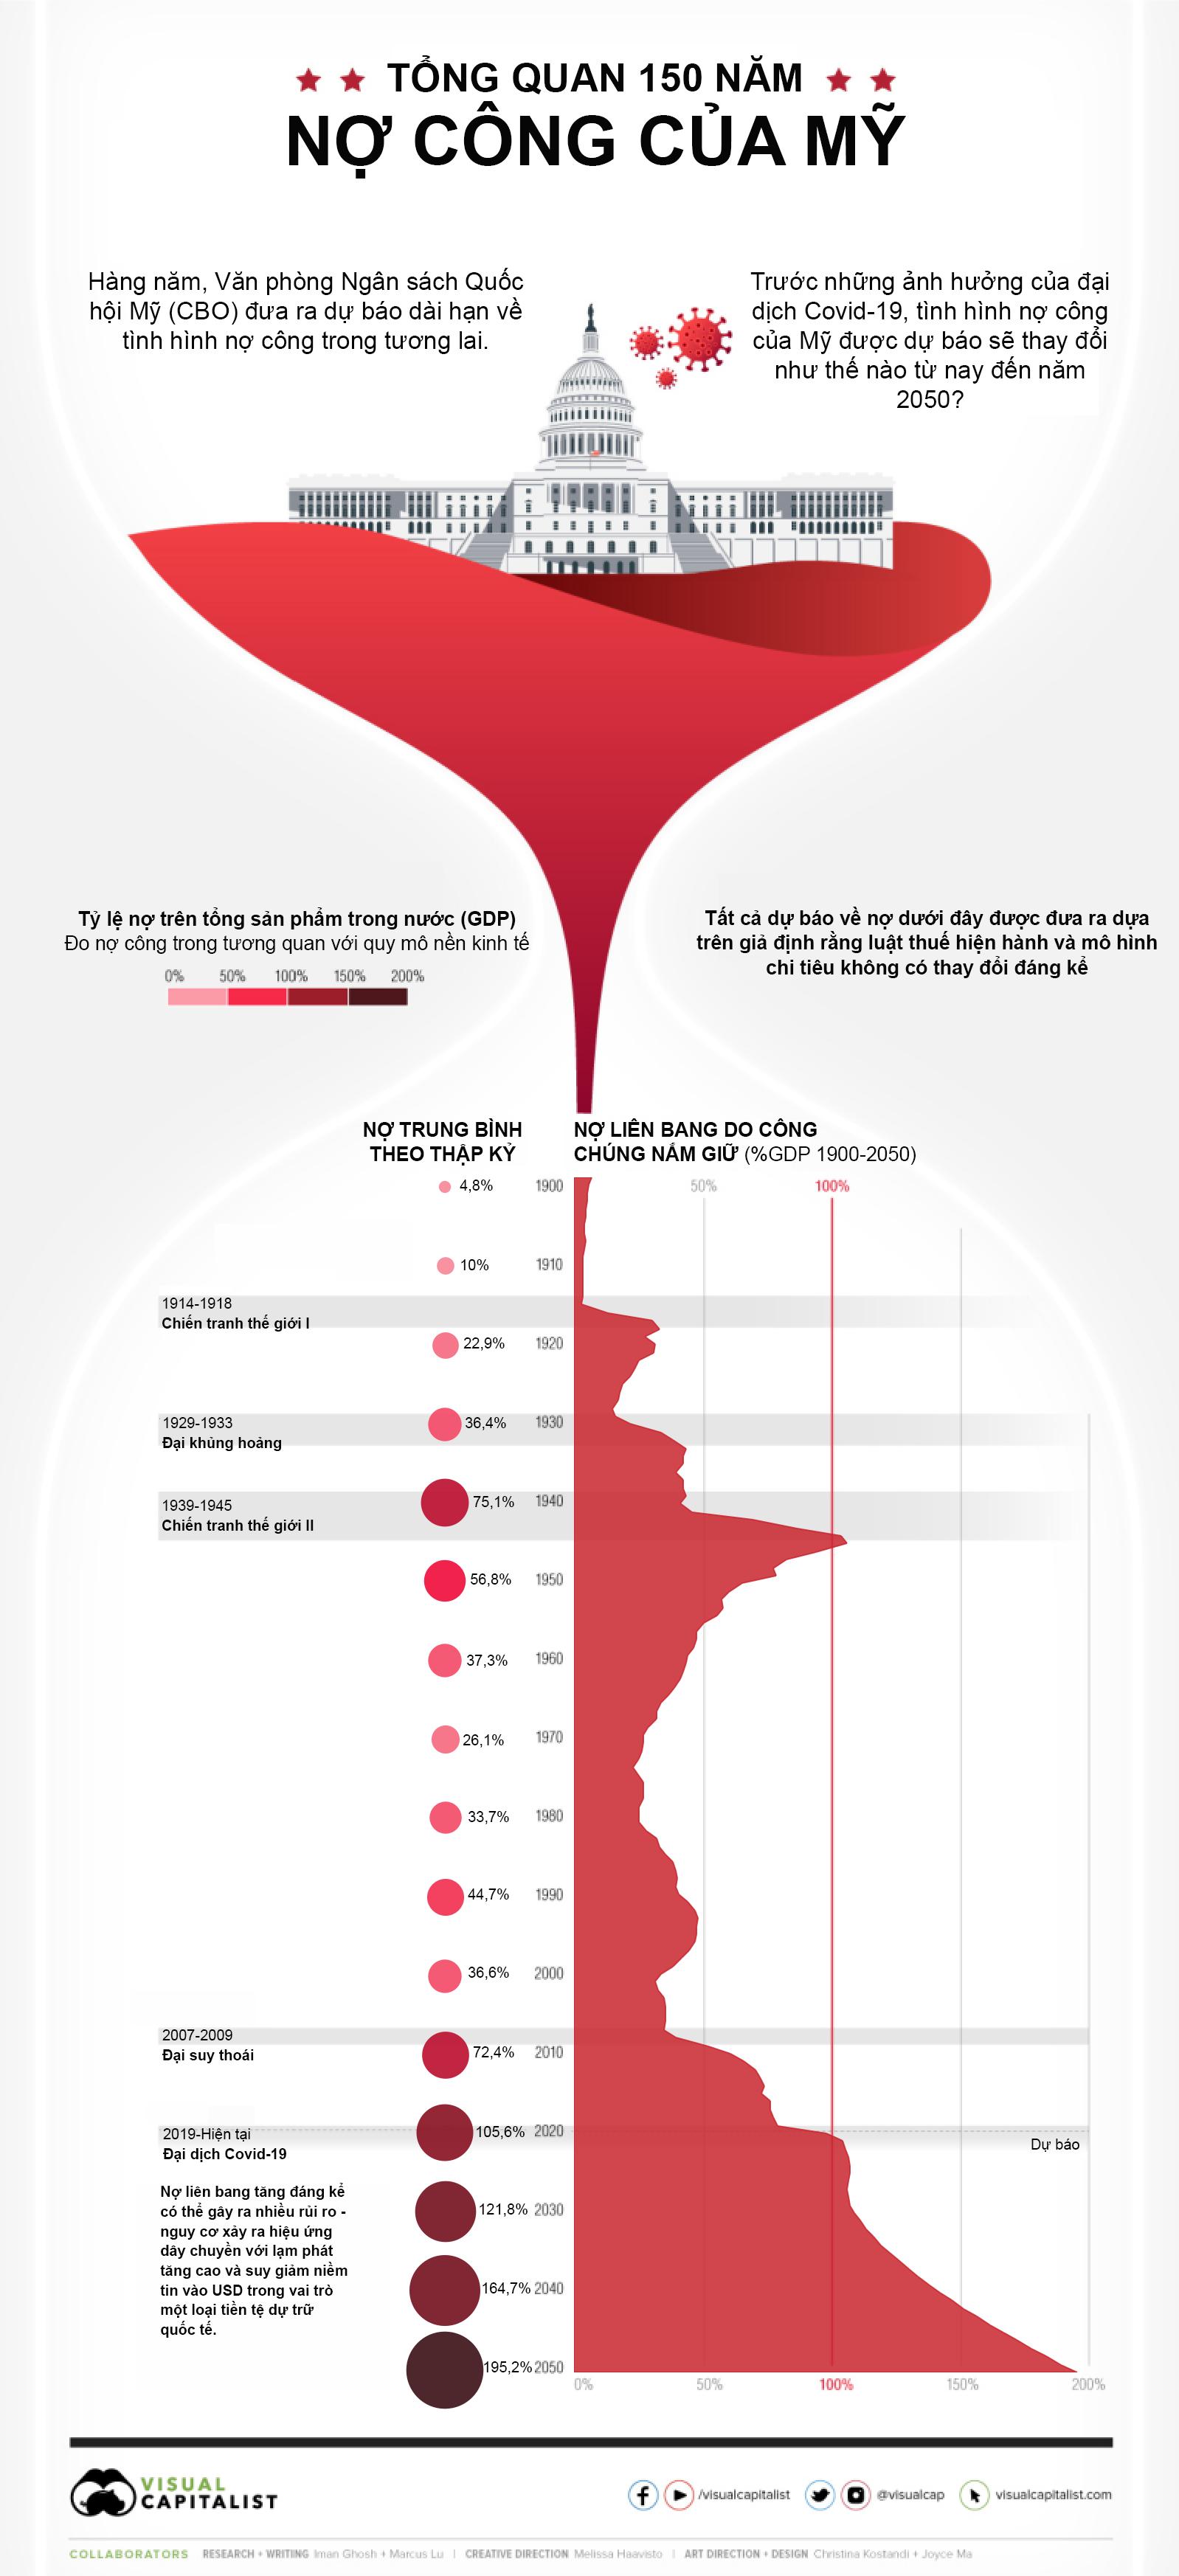 Nguồn: Visual Capitalist/Văn phòng Ngân sách Quốc hội Mỹ (CBO)